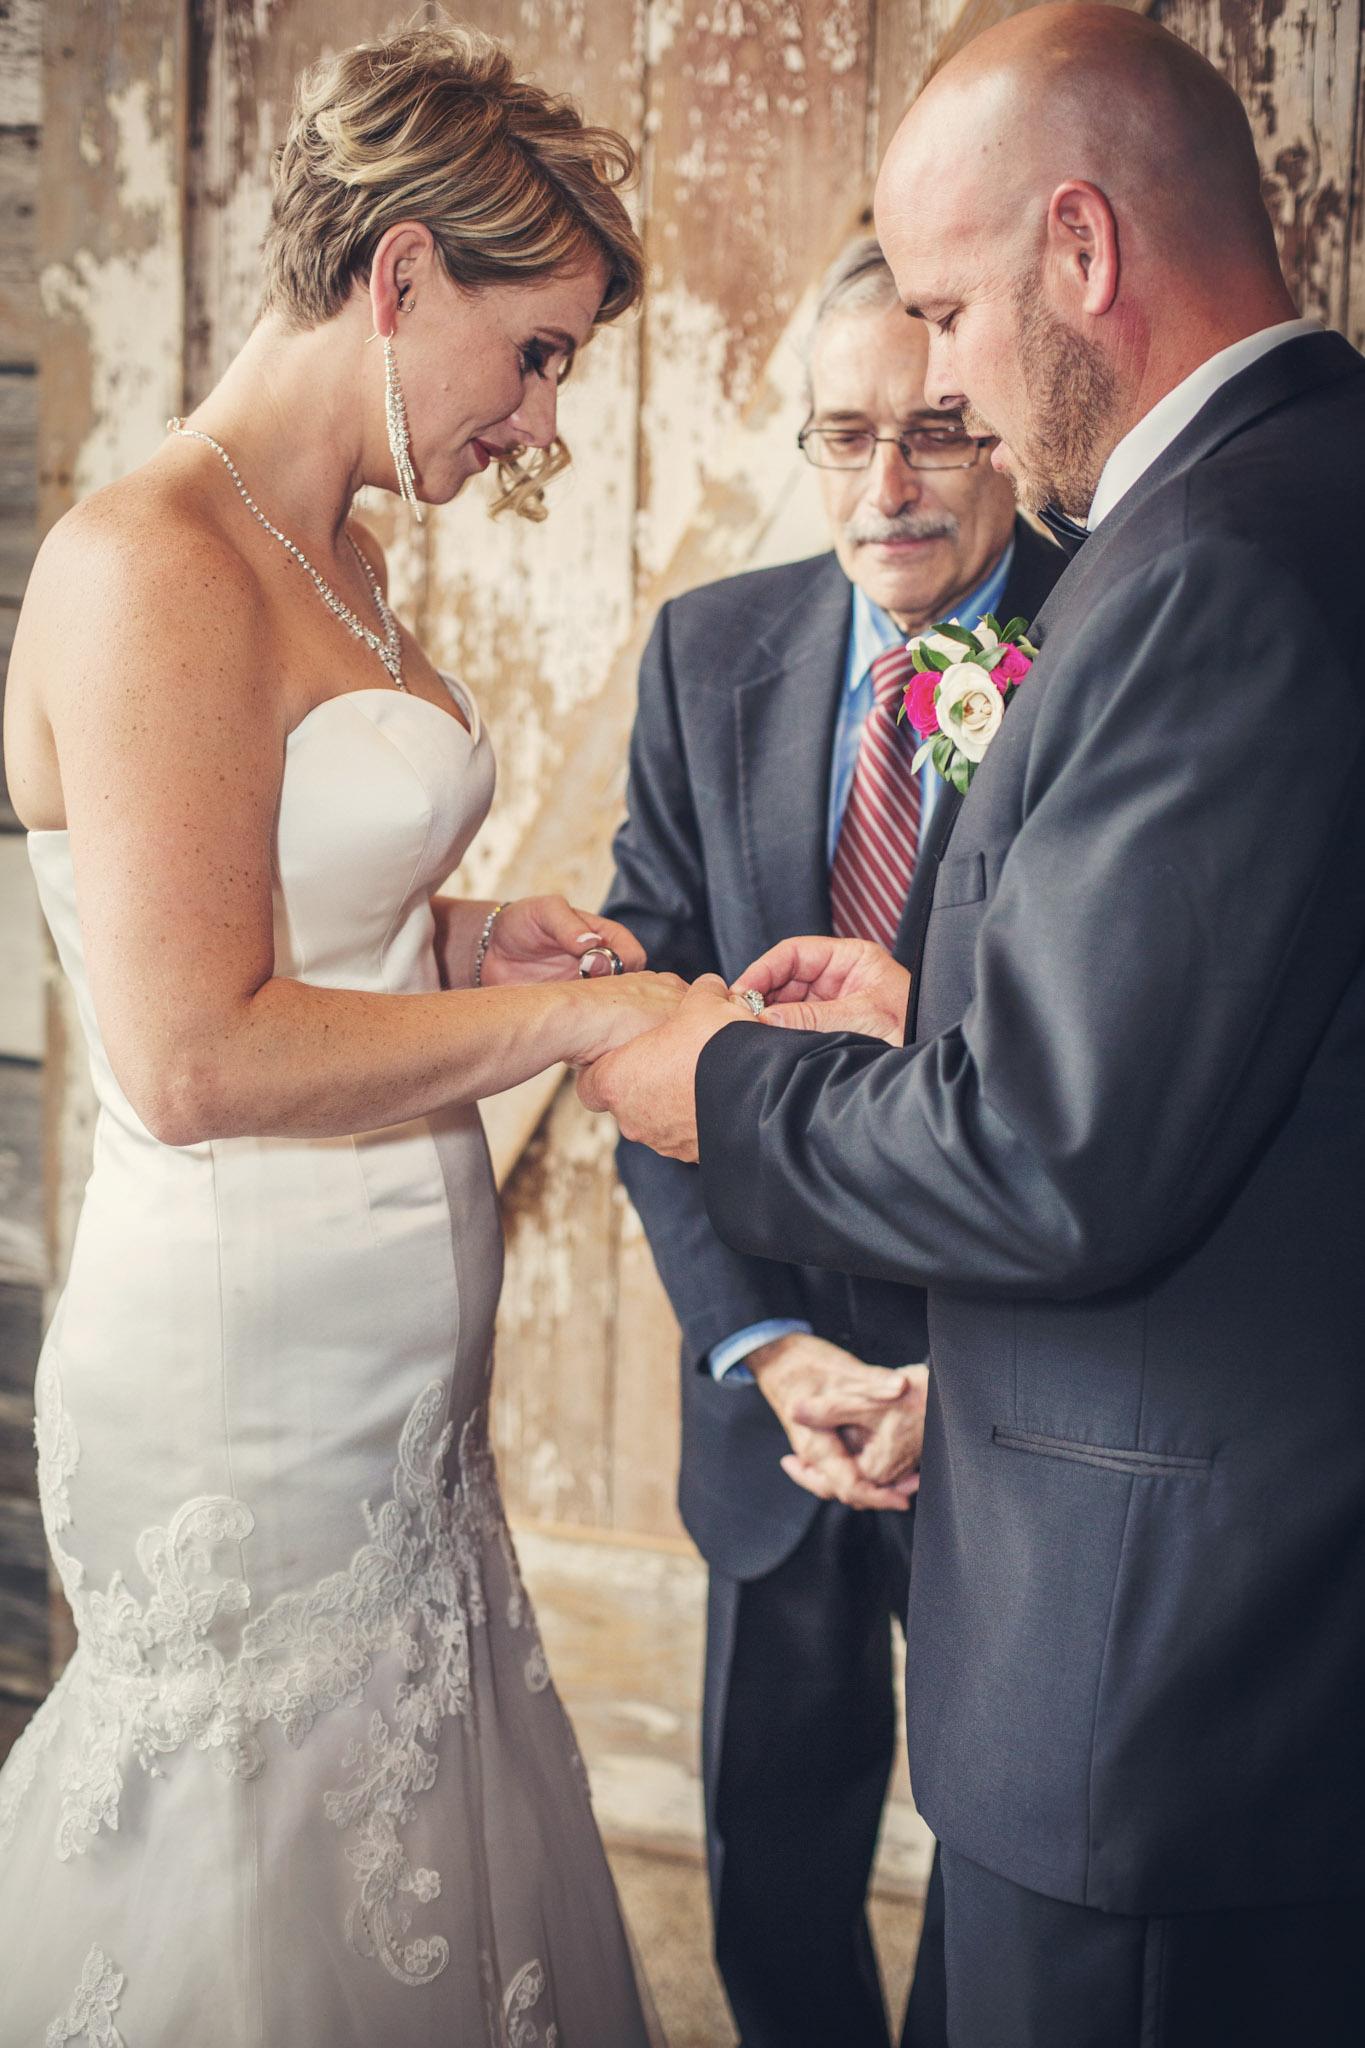 Kansas+City-Small+Wedding-Elope_Intimate_Ceremony_Melanie+David-6.jpg